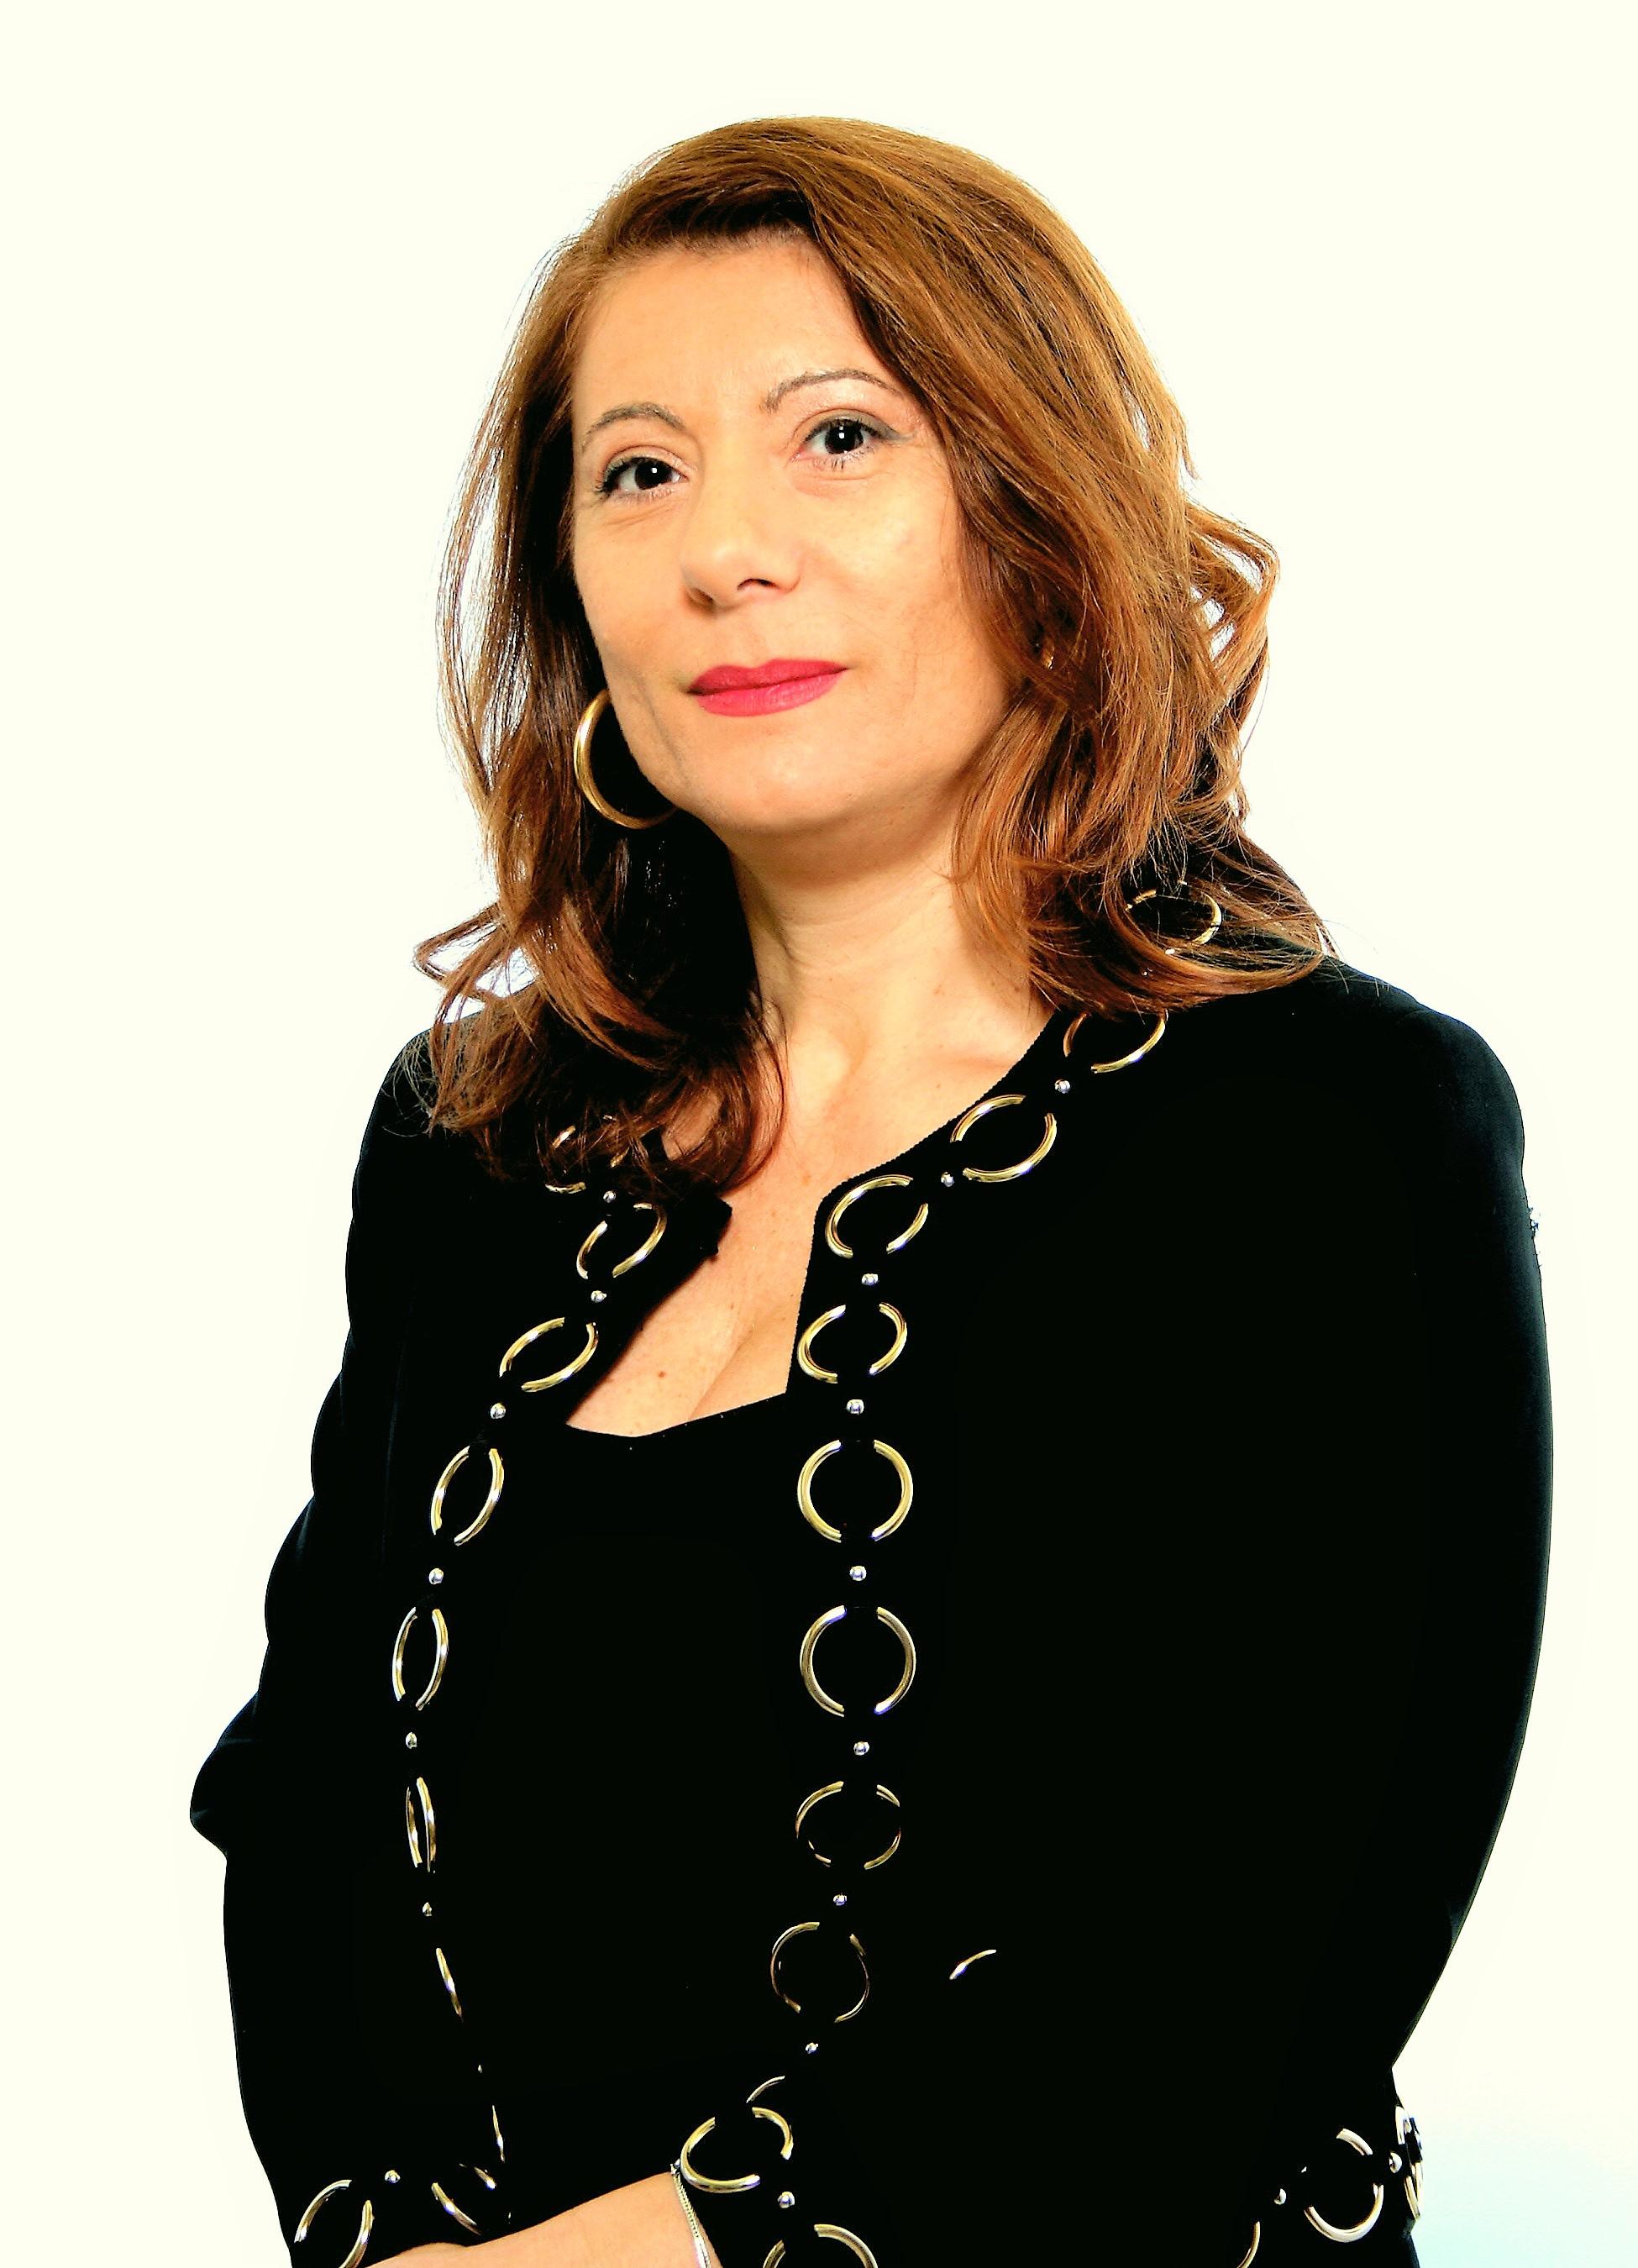 Avv. Maria Capozza